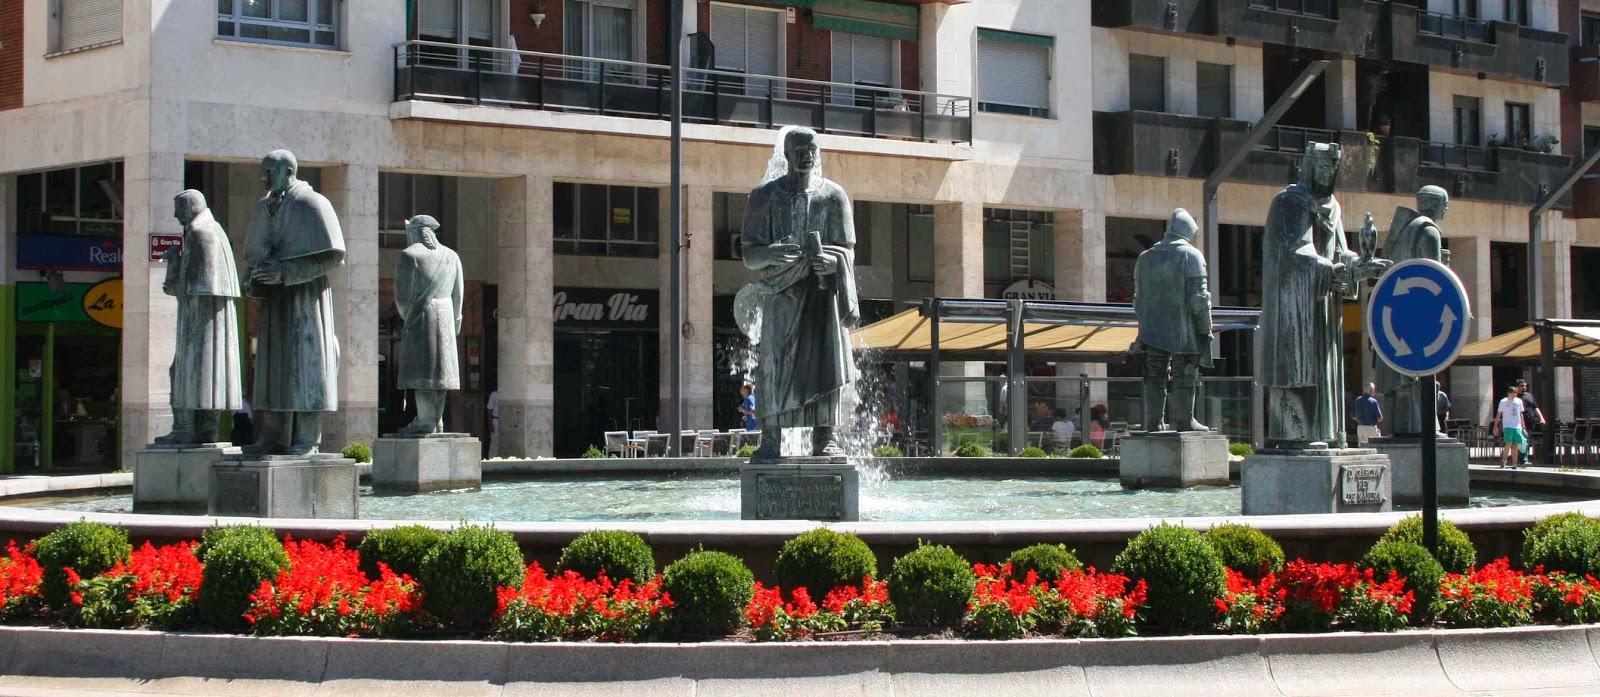 Logro eses ilustres c lebres y famosos esculturas urbanas de logro o - Fuente de los banos montanejos ...